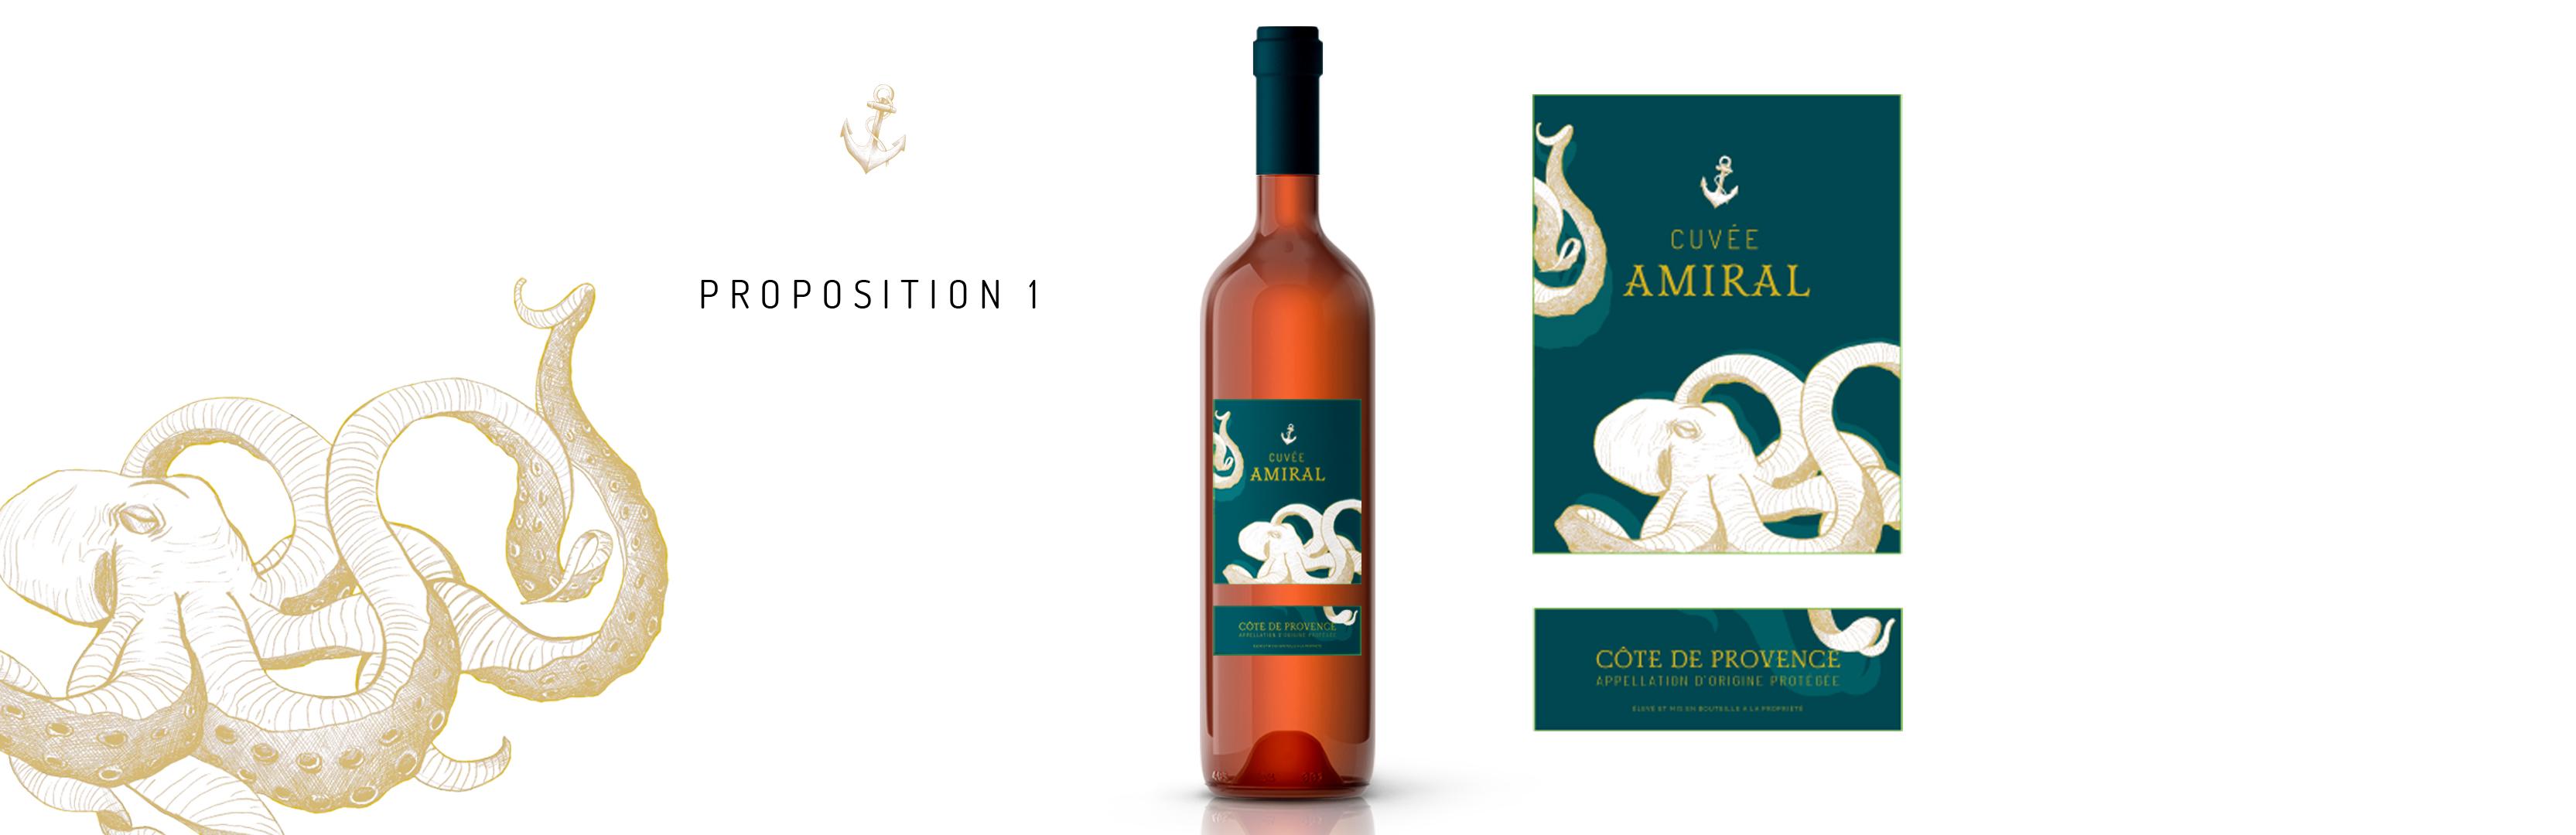 Habillage de bouteille Cuvée Amiral proposition 1